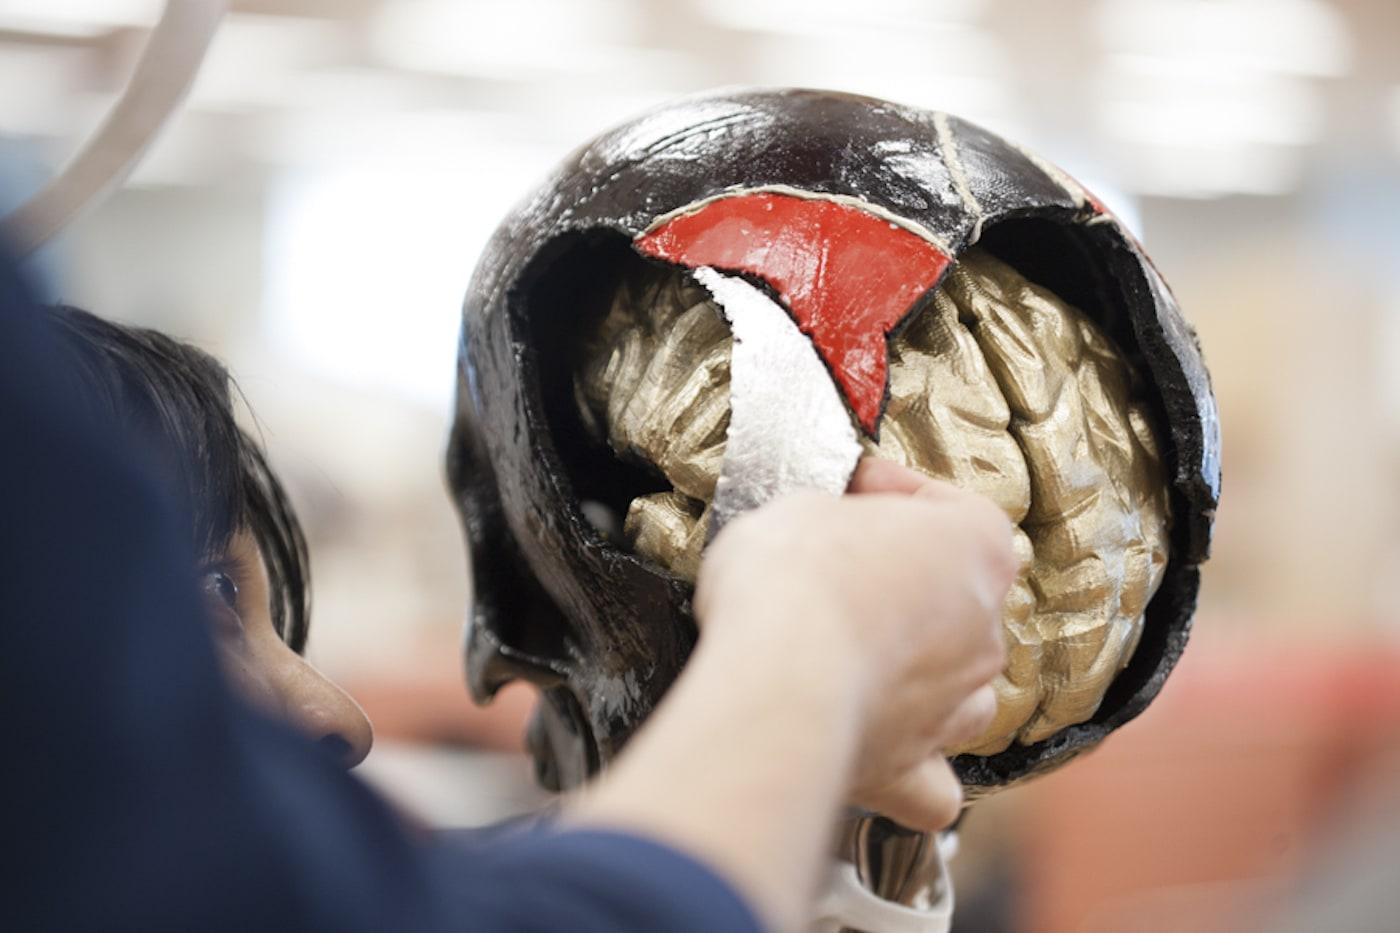 金継ぎで形が作られていく頭蓋骨